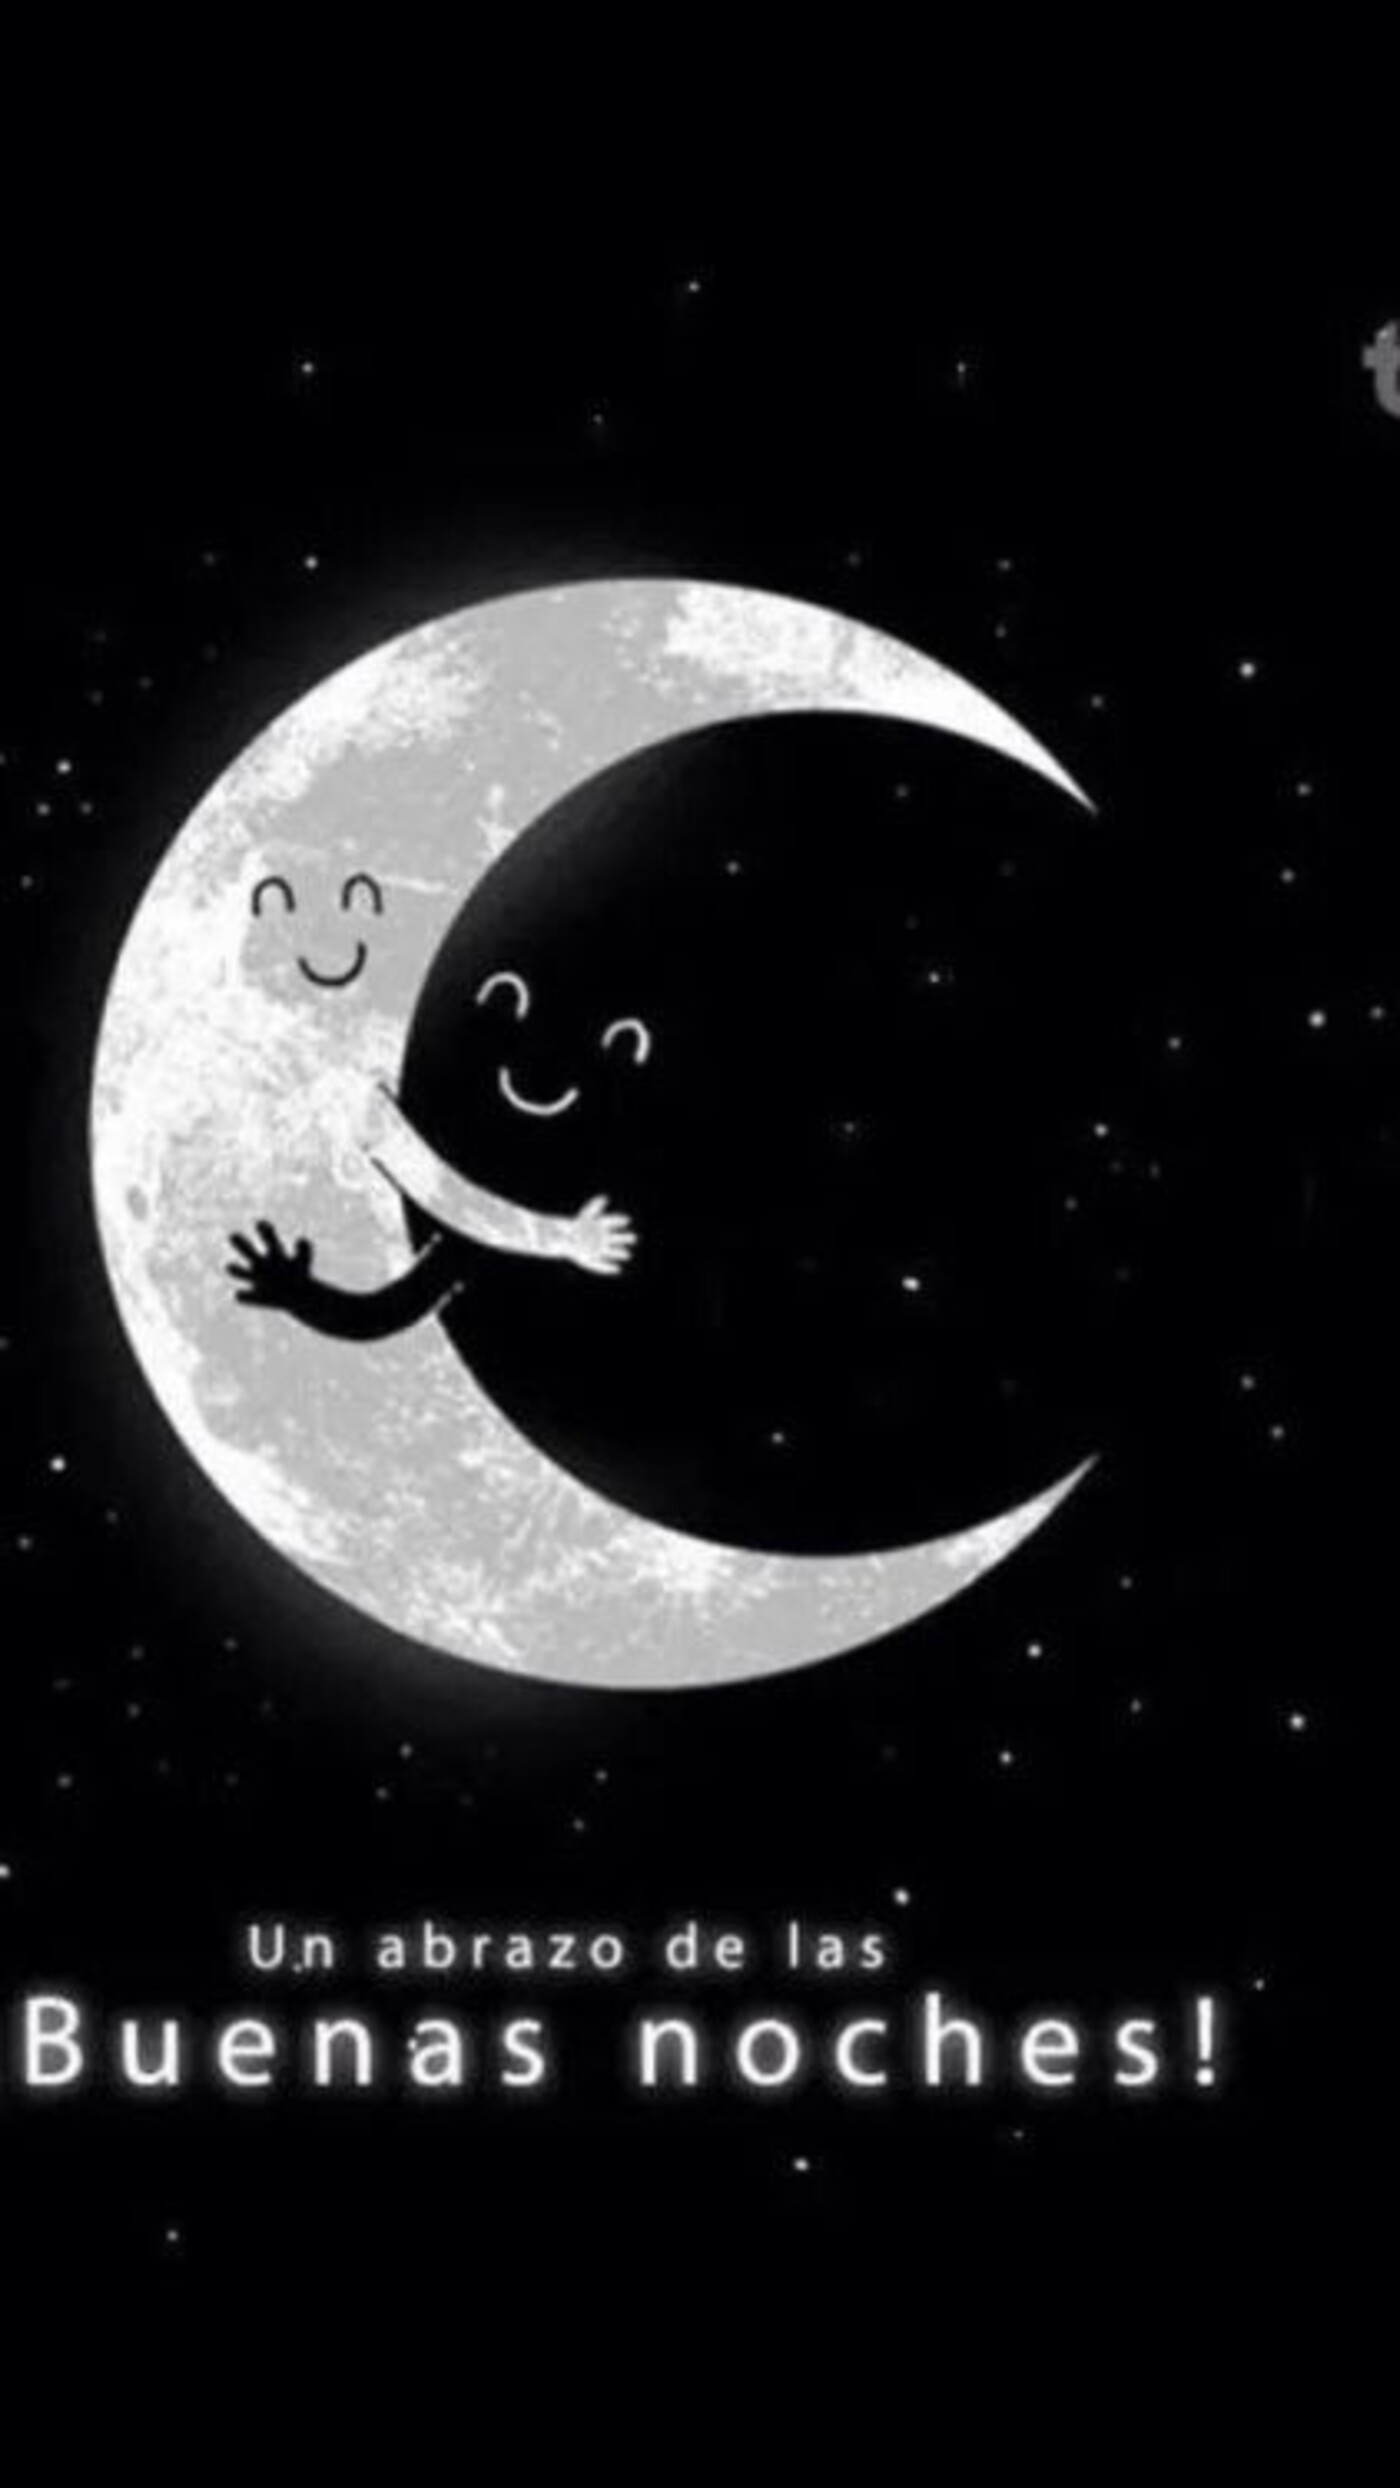 Un abrazo de las buenas noches!